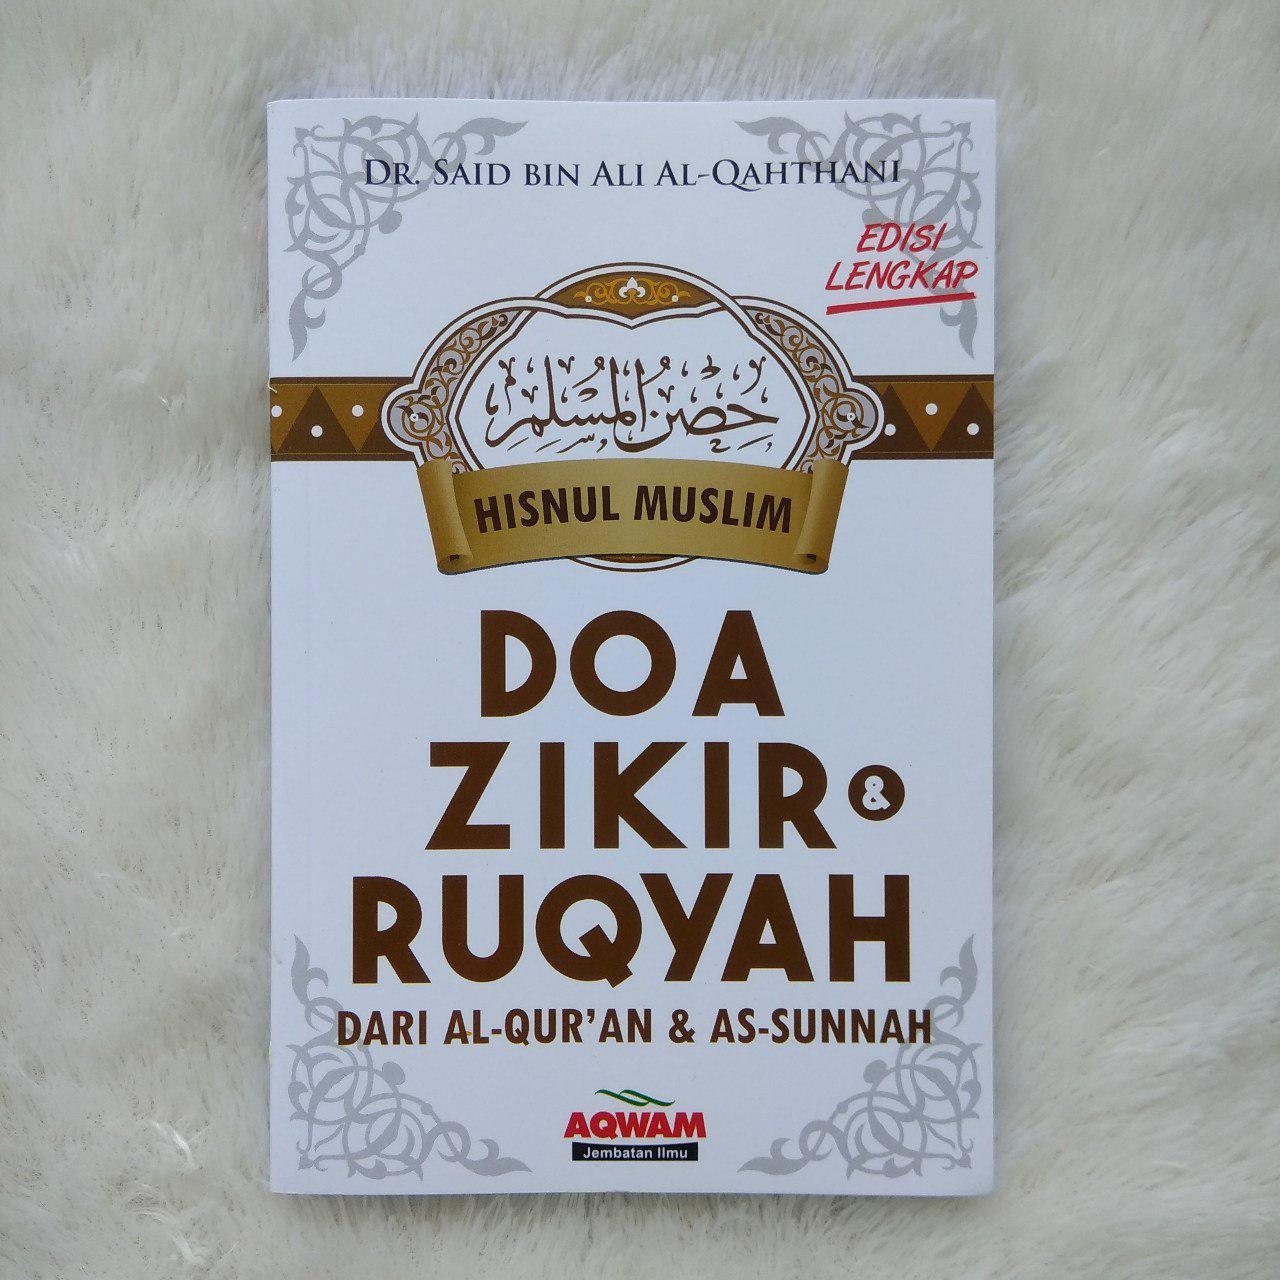 Buku Hishnul Muslim Doa Zikir Dan Ruqyah Dari Al-Qur'an Sunnah 1